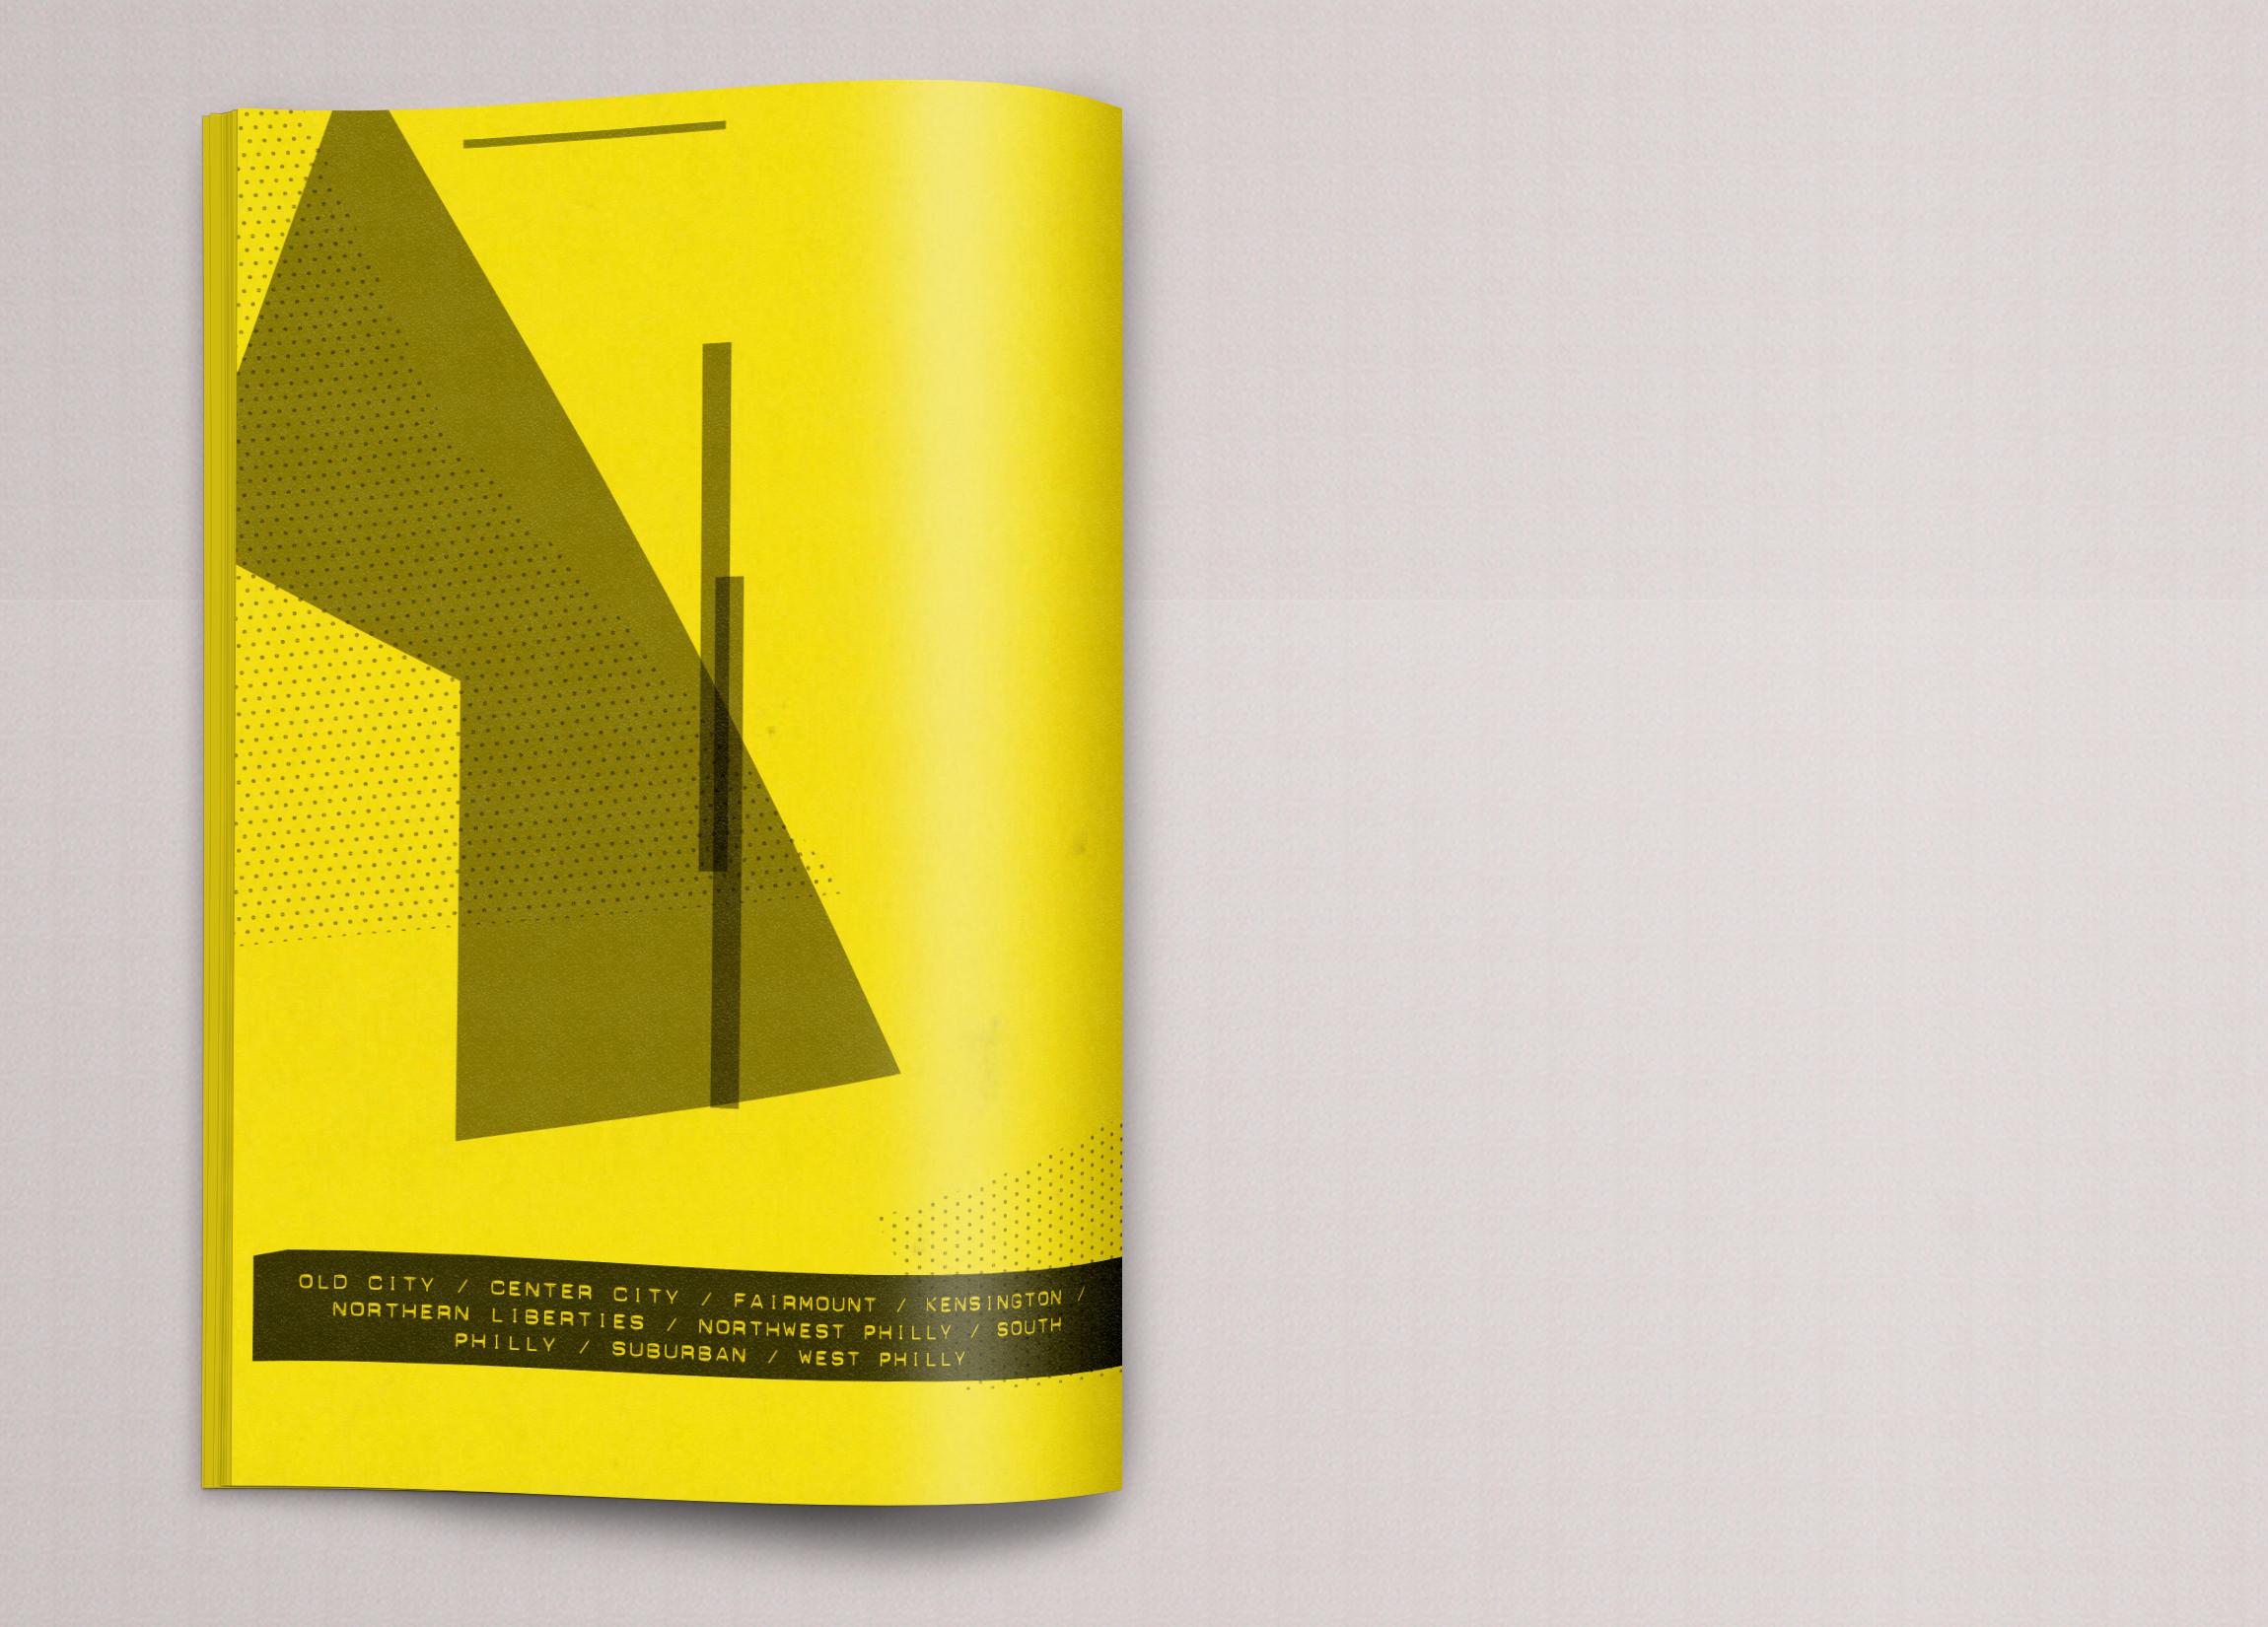 Philly Fringe_Photorealistic Magazine MockUp_3_backcover.jpg